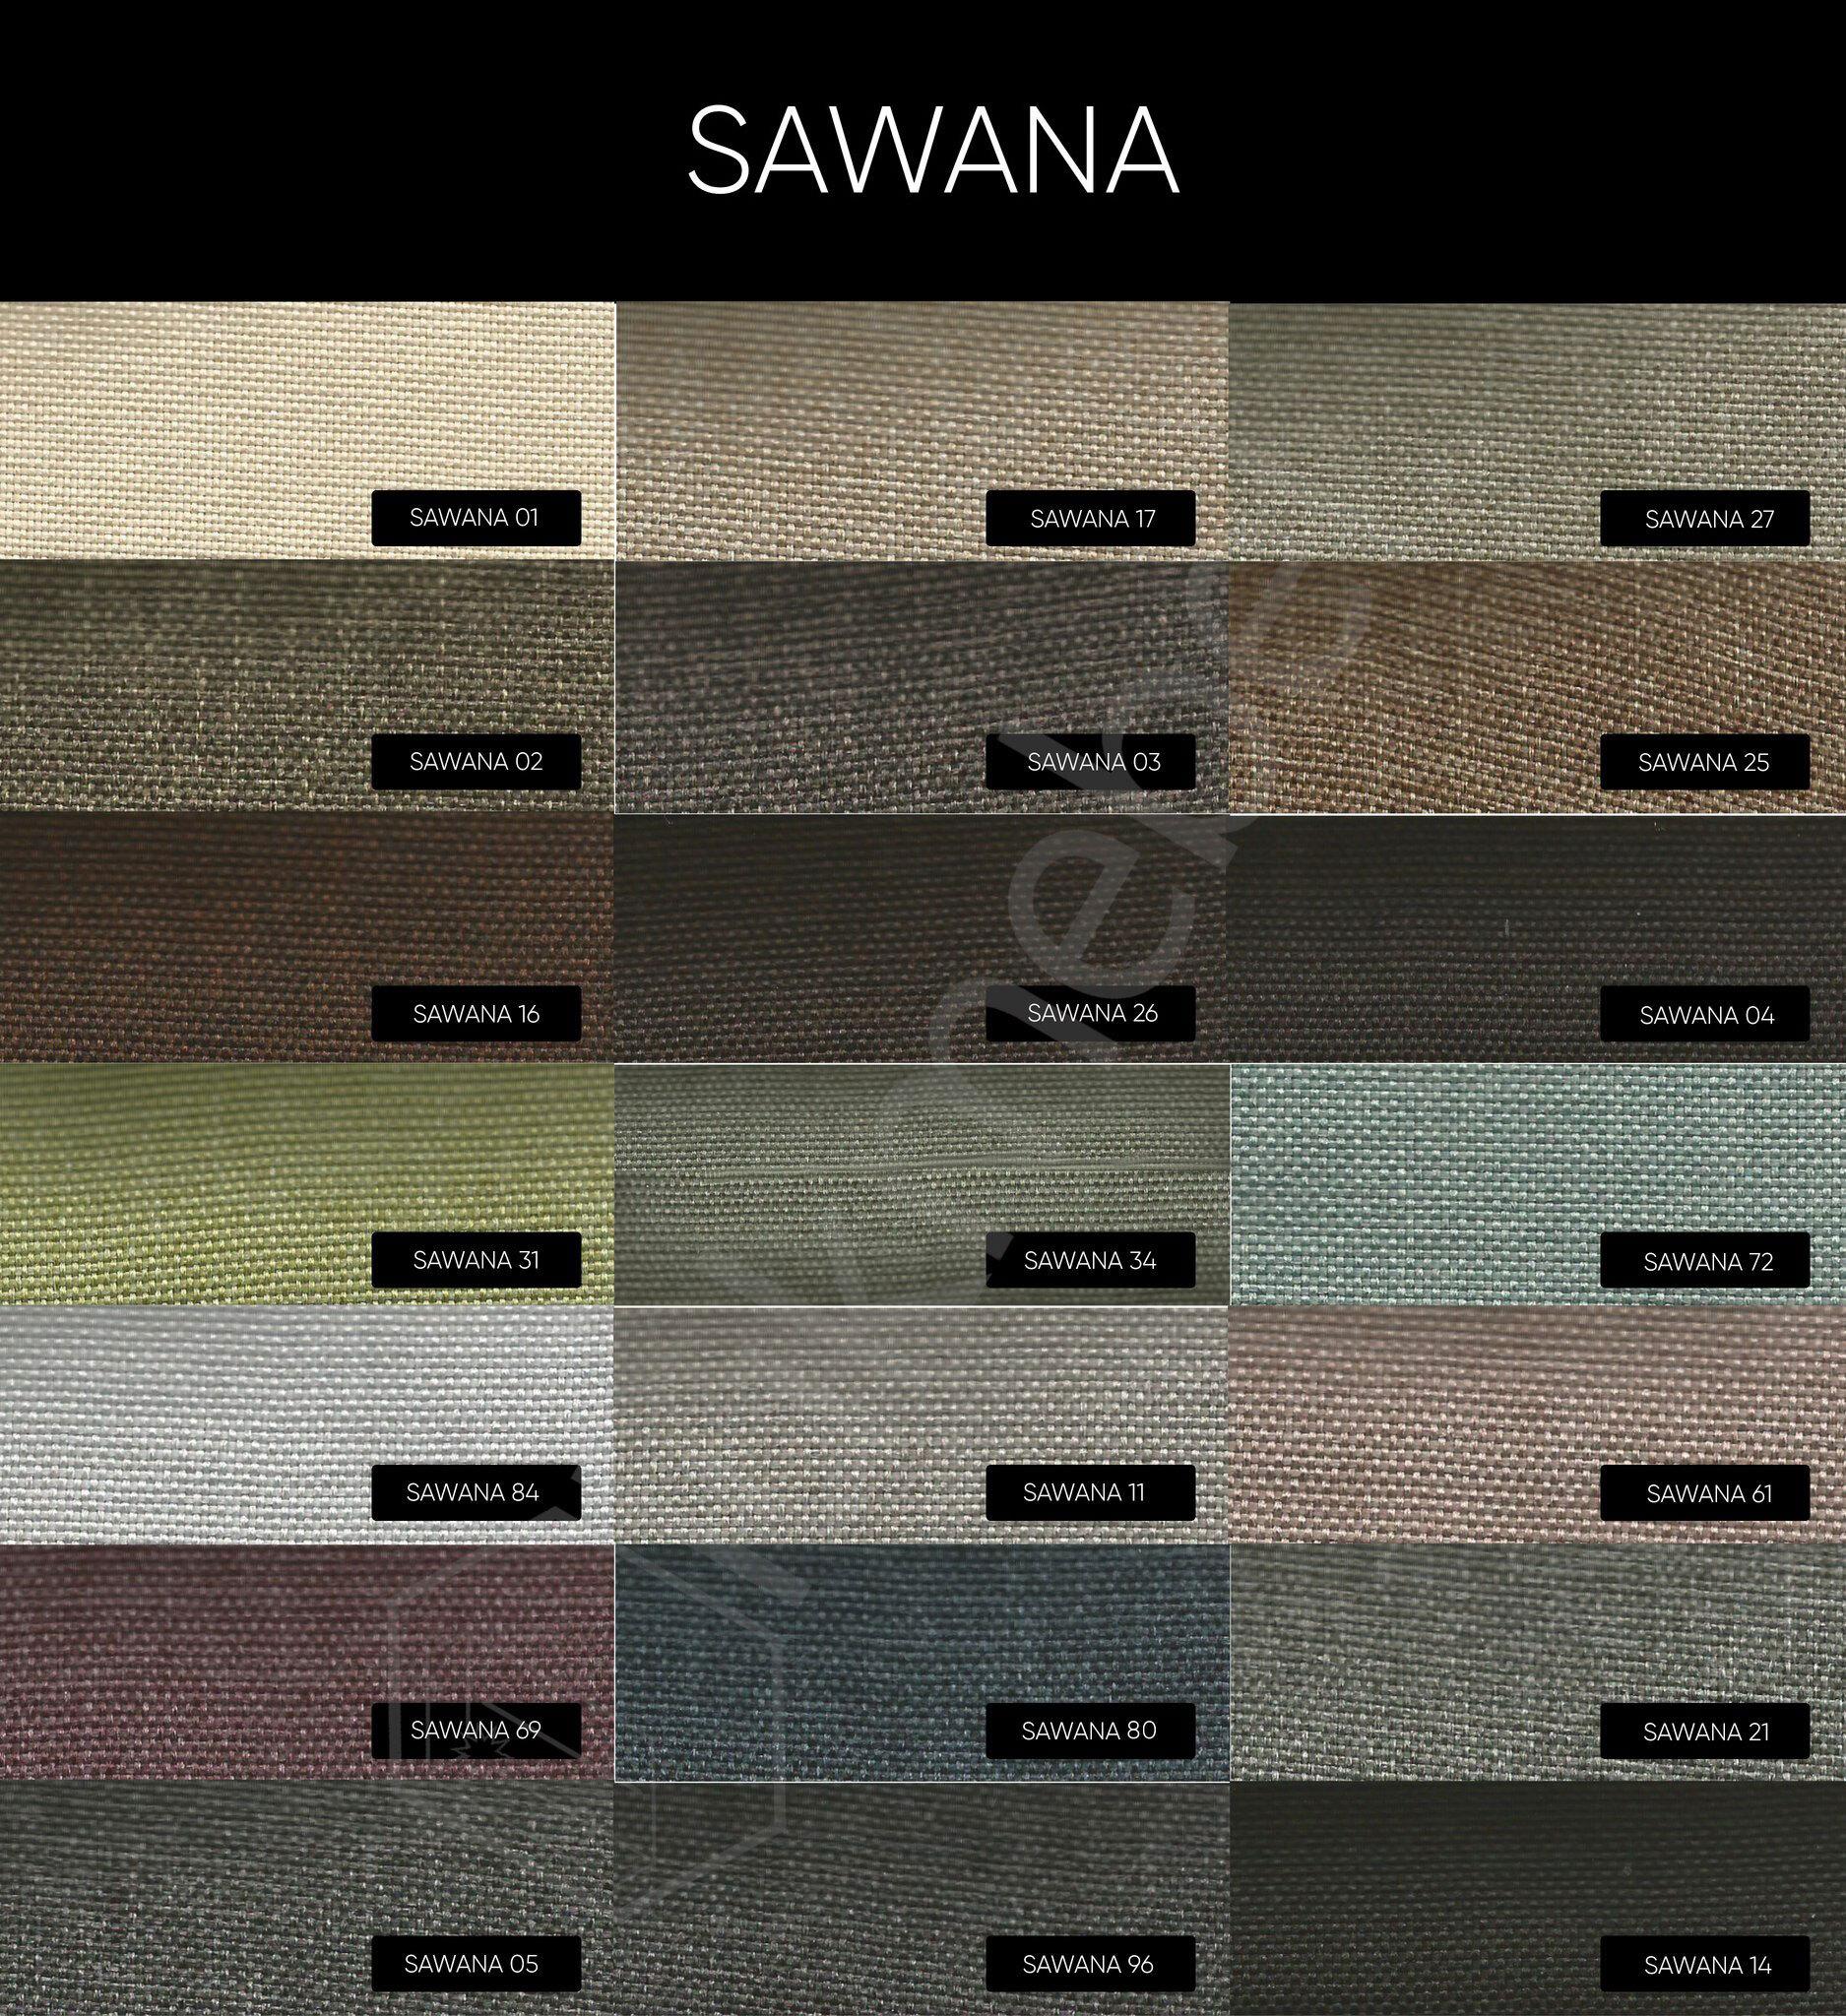 SAWANA_GOTOWY_ZNAK.jpg (856×2048)